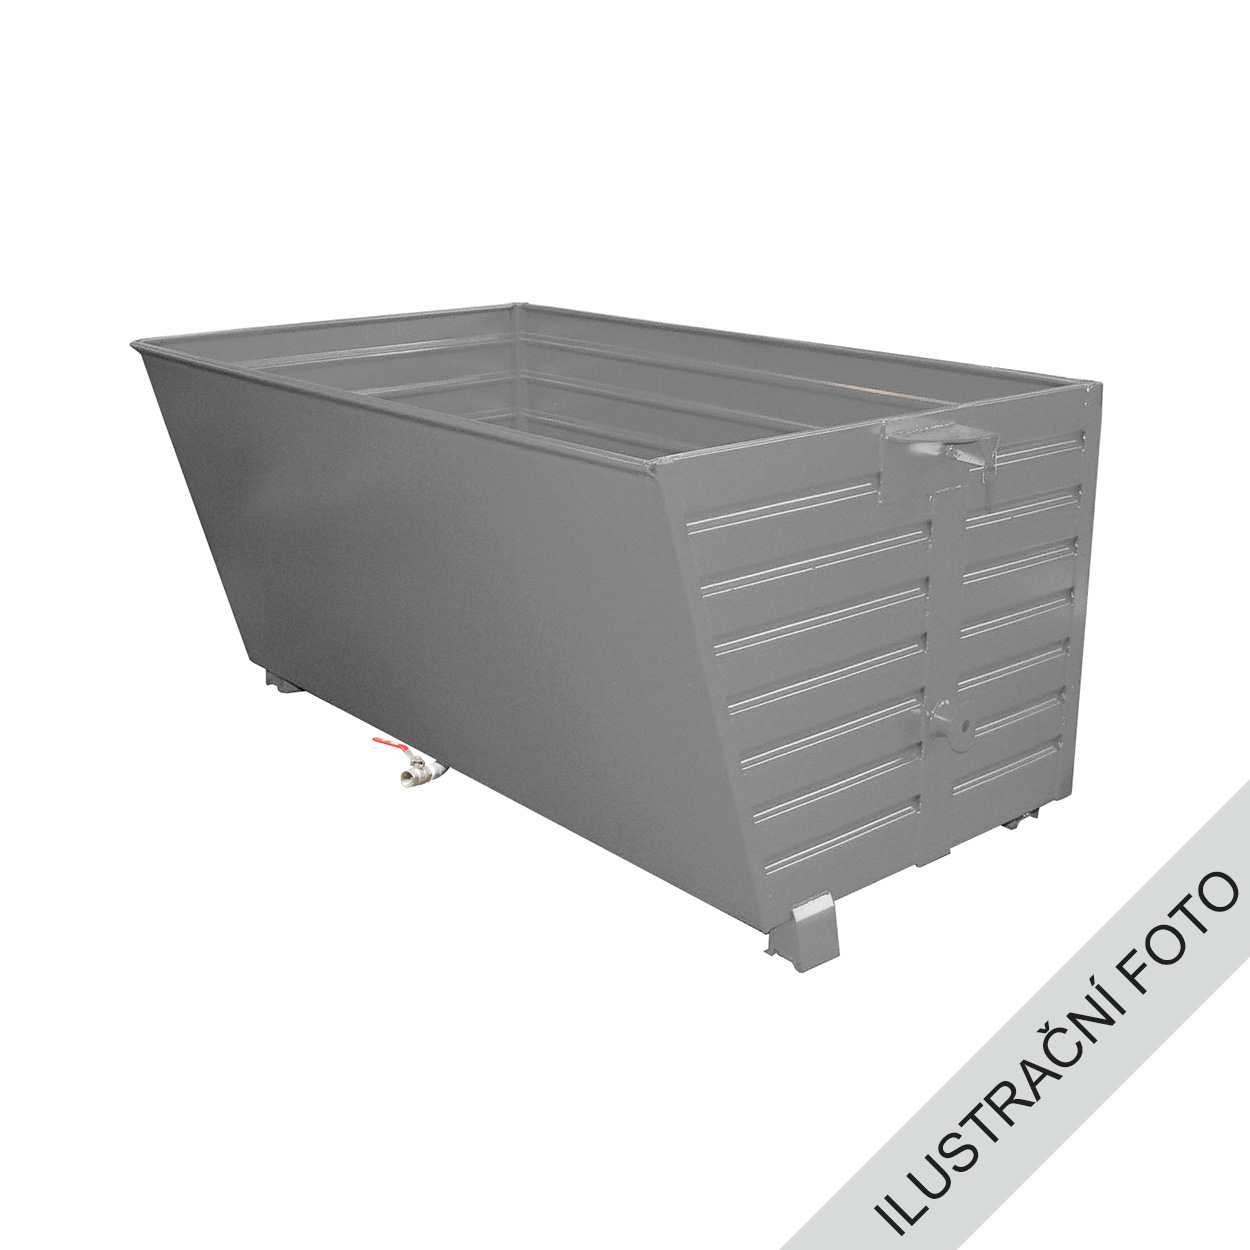 Stohovatelný kontejner TRV s výpustí